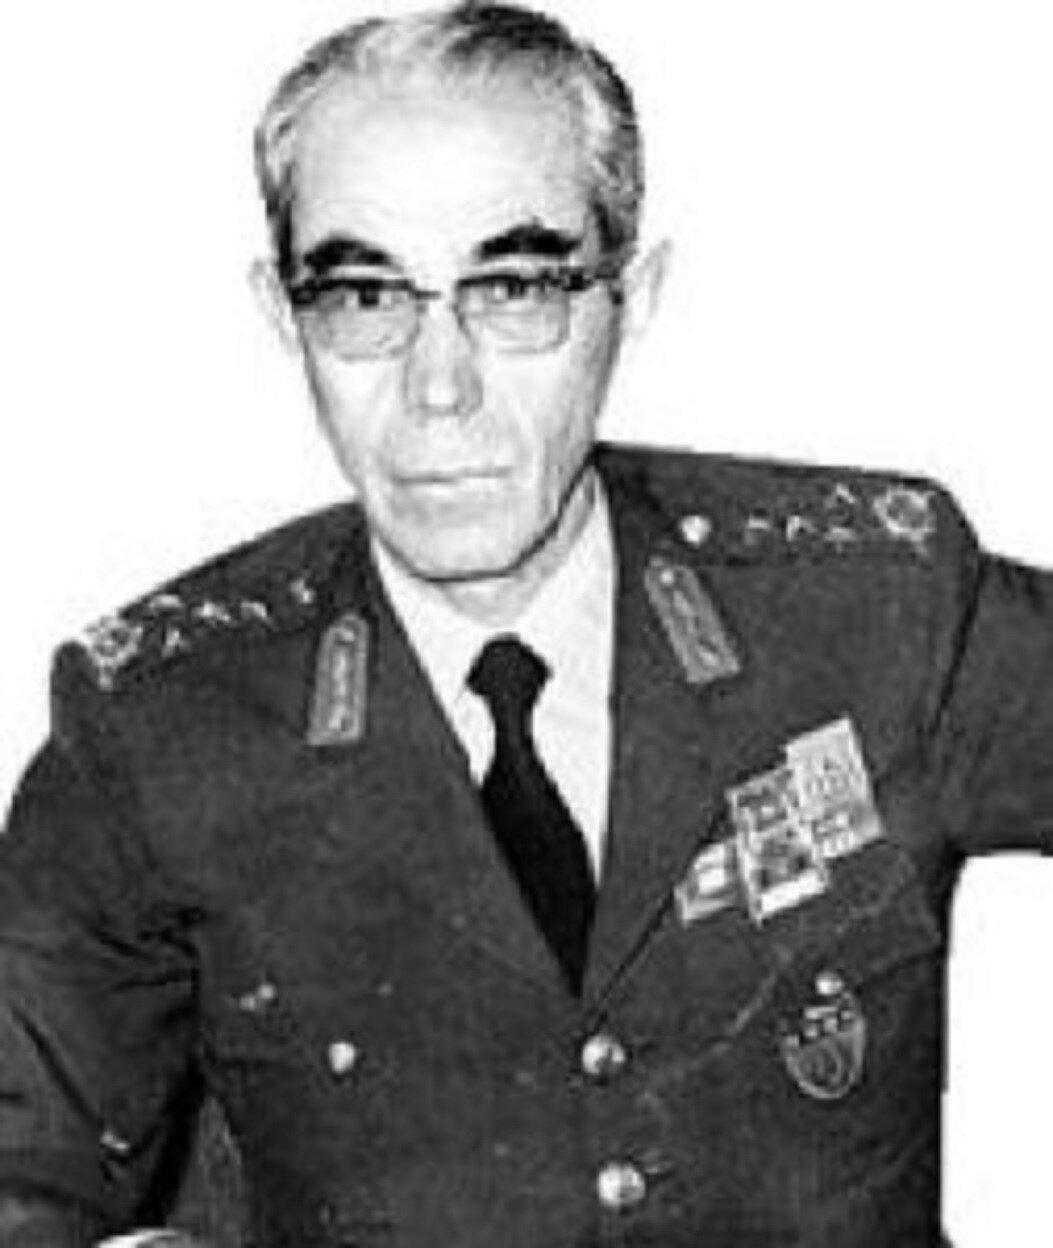 İstanbul I. Ordu Komutanı Org. Faik Türün